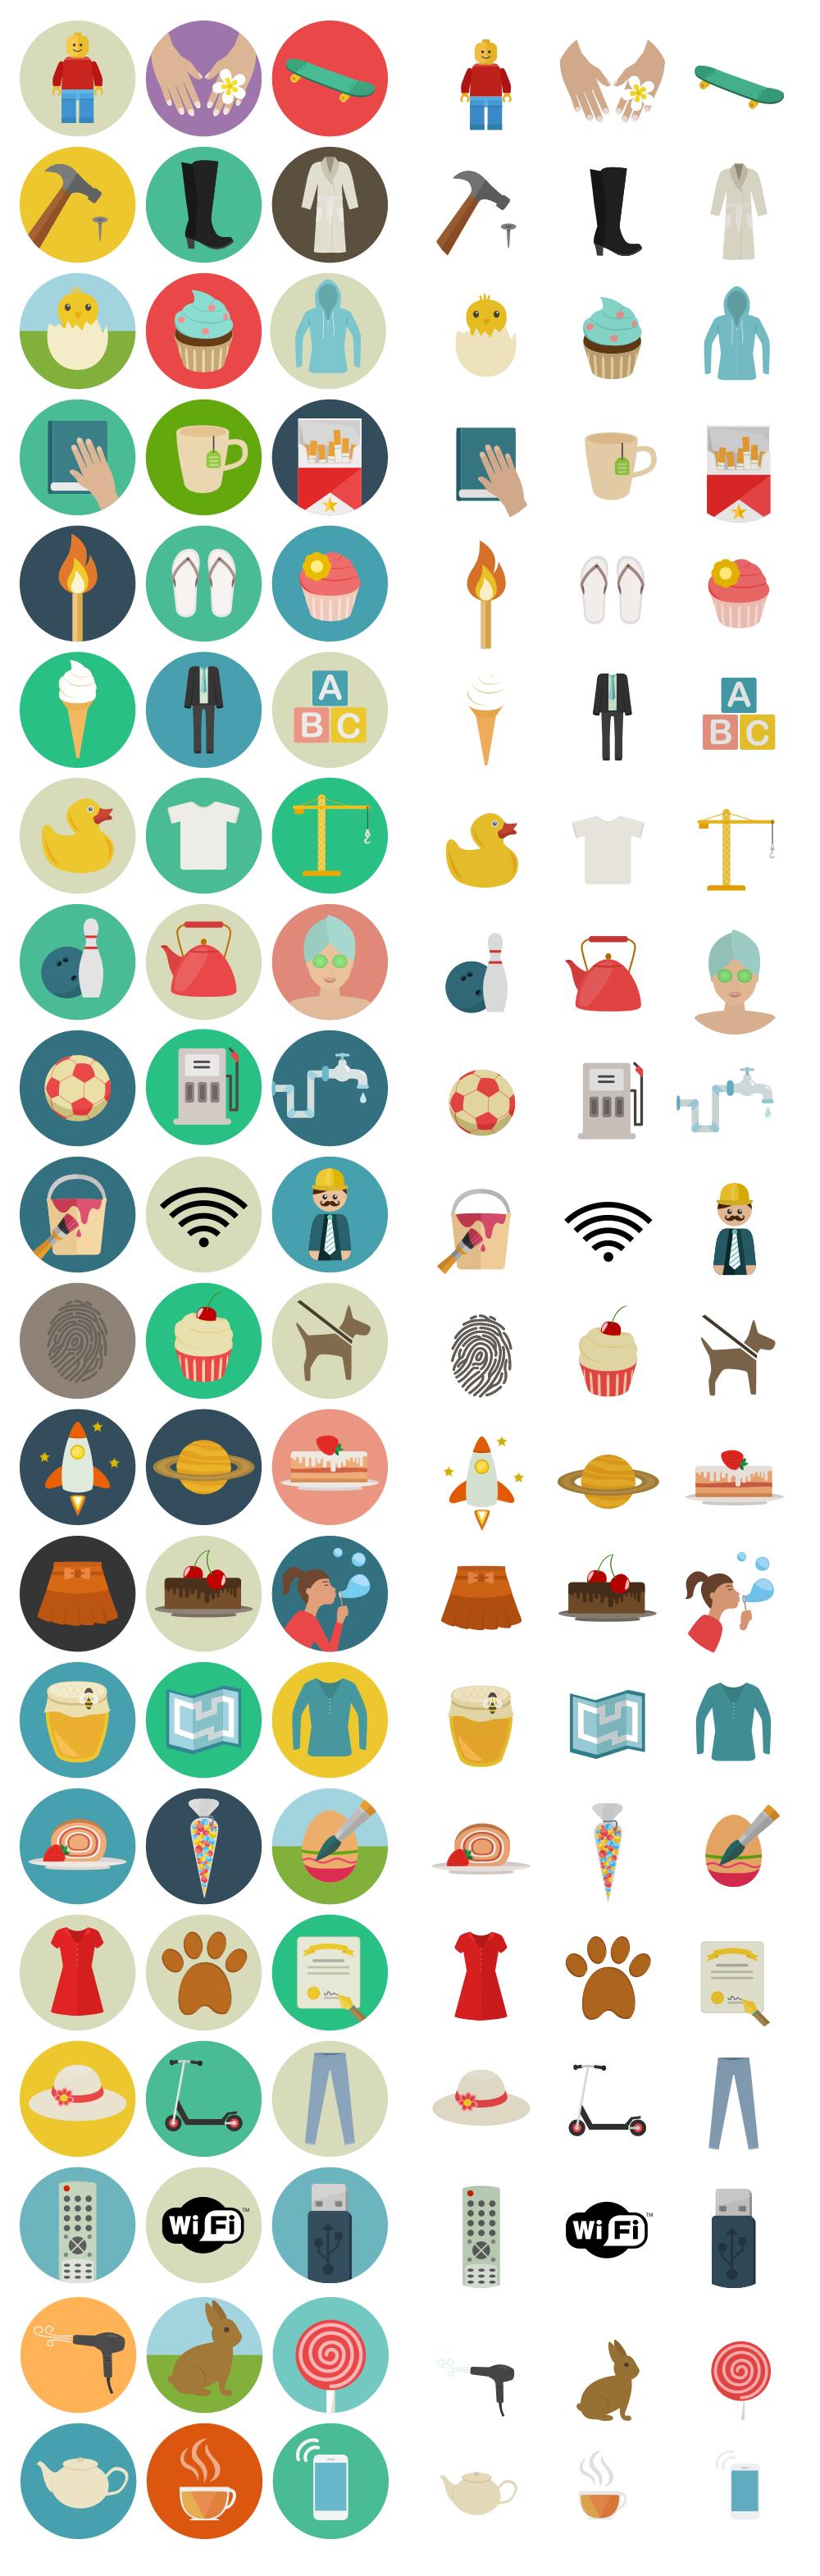 60 Astonishing Flat Icons For Free — Smashing Magazine.